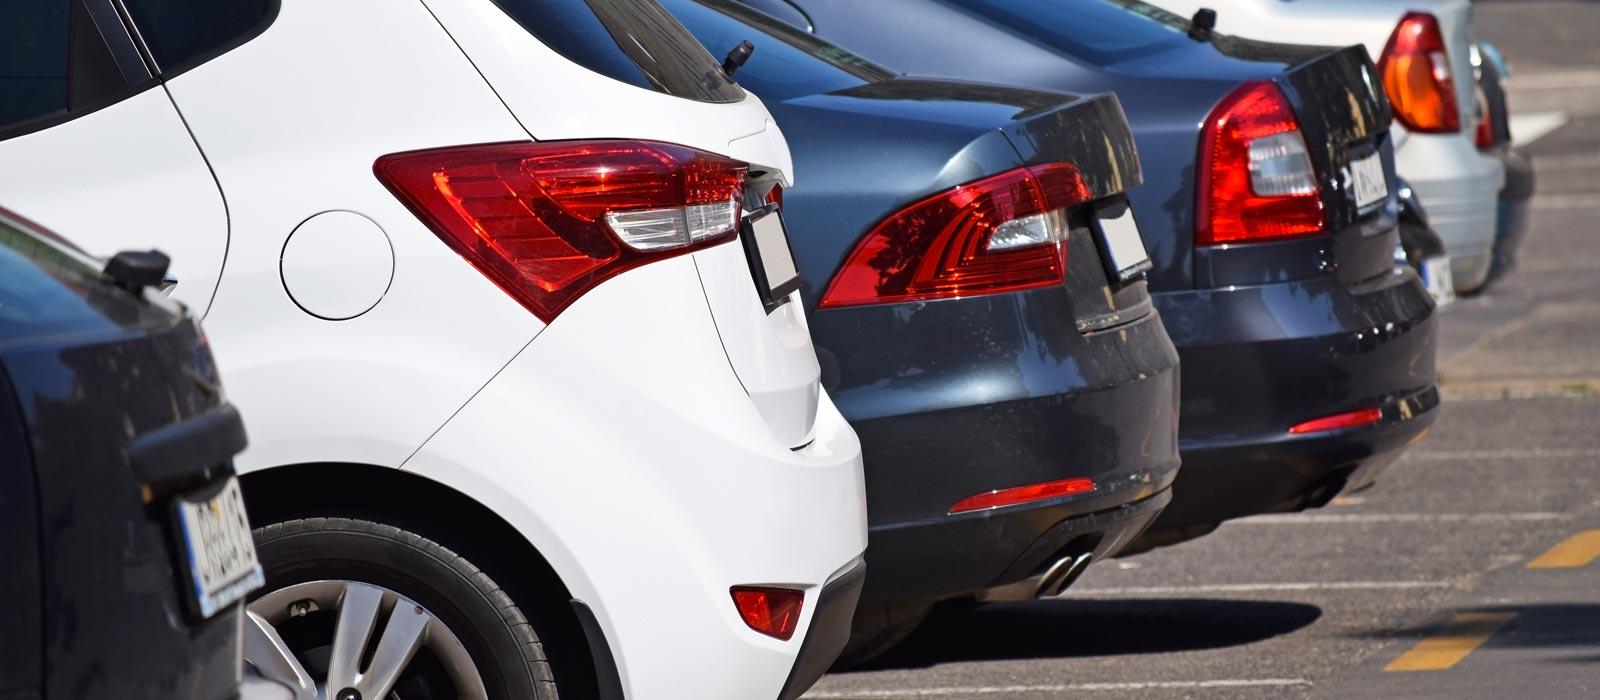 Lascia la tua auto agli esperti